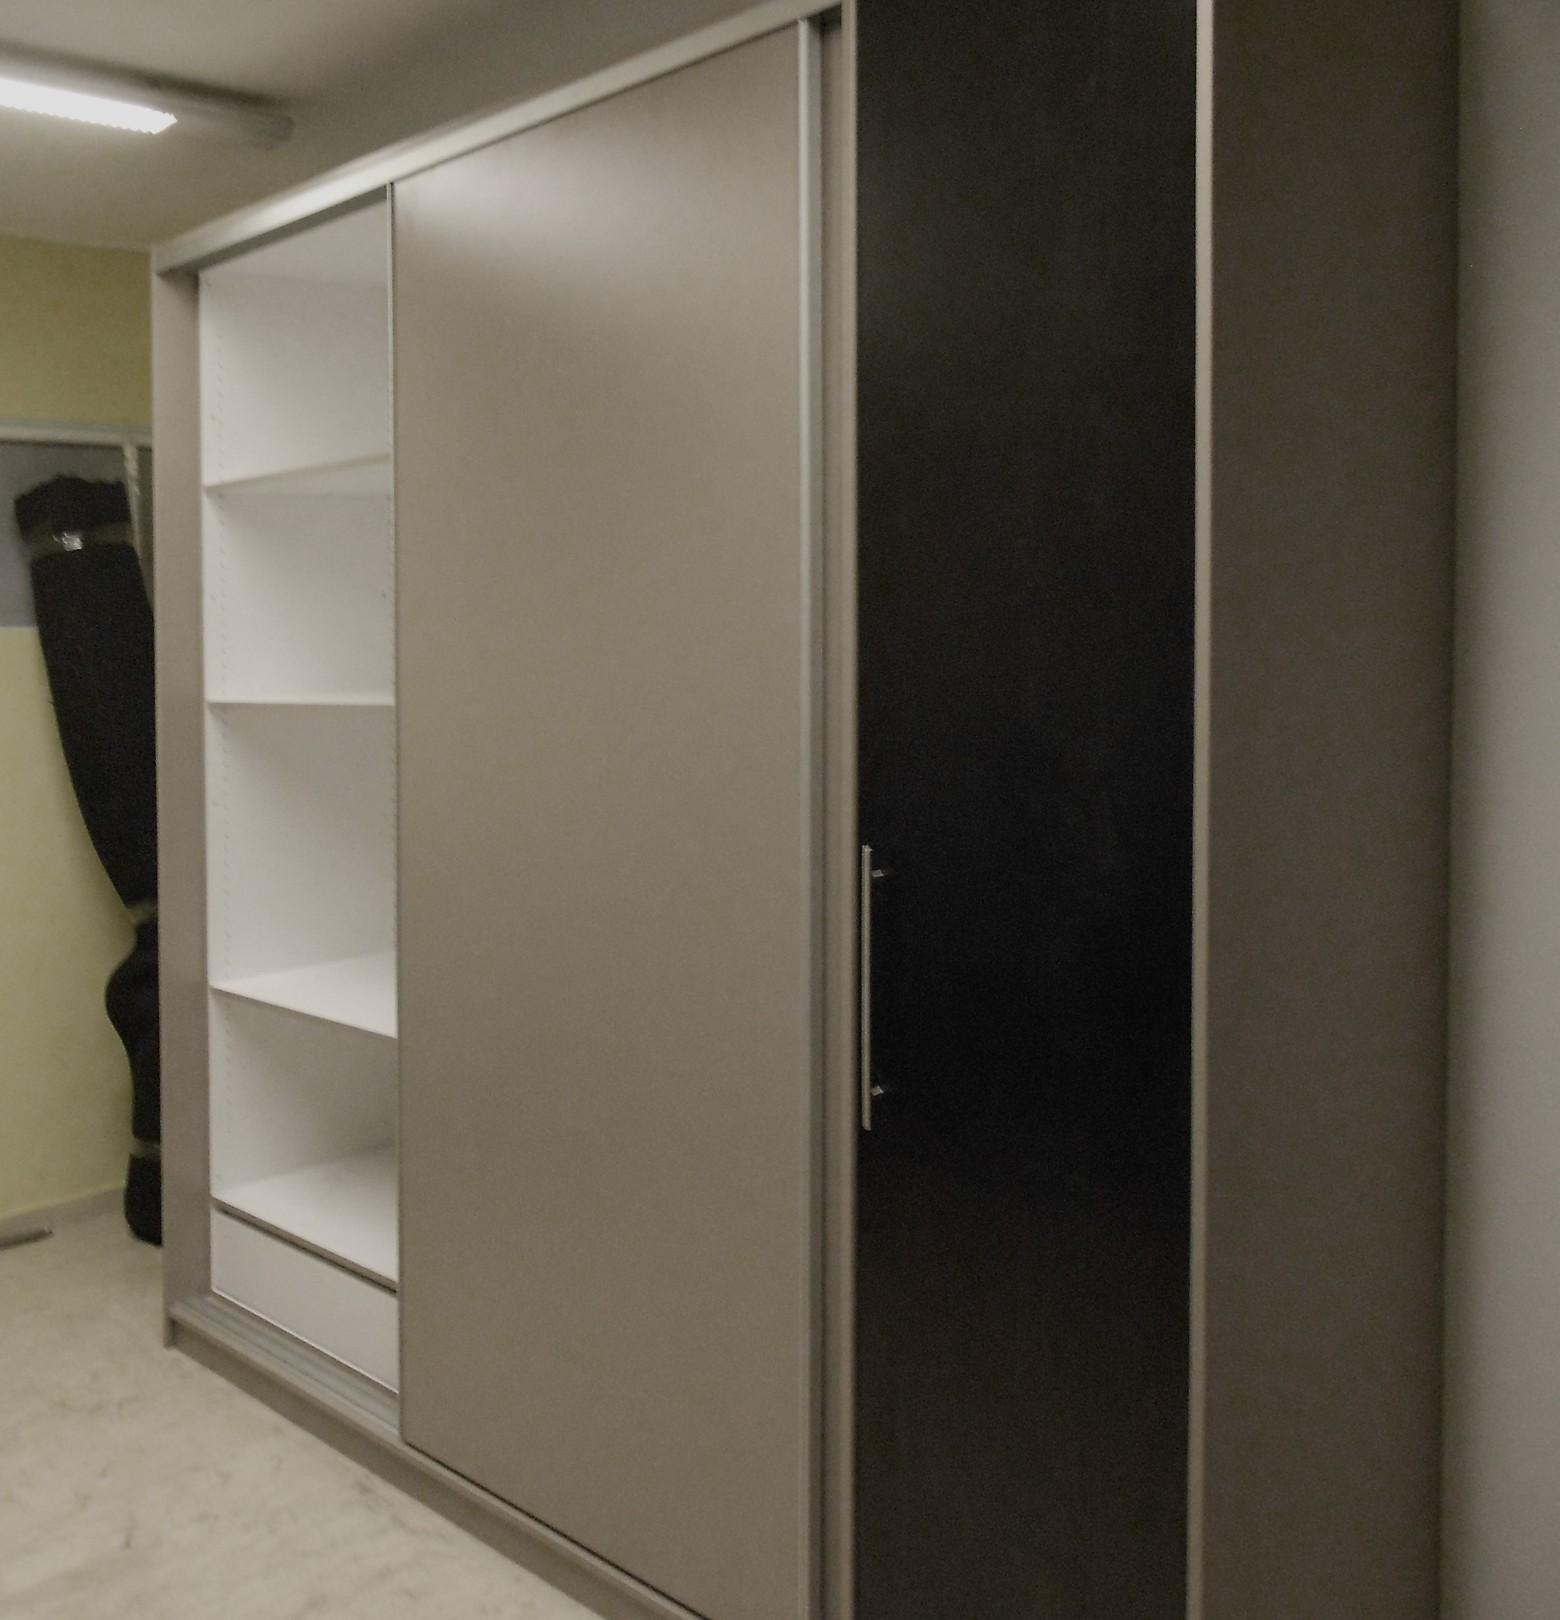 δίφυλλη συρόμενη ντουλάπα μελαμίνης στο χρώμα του ξύλου και μονόφυλλη ανοιγόμενη ντουλάπα